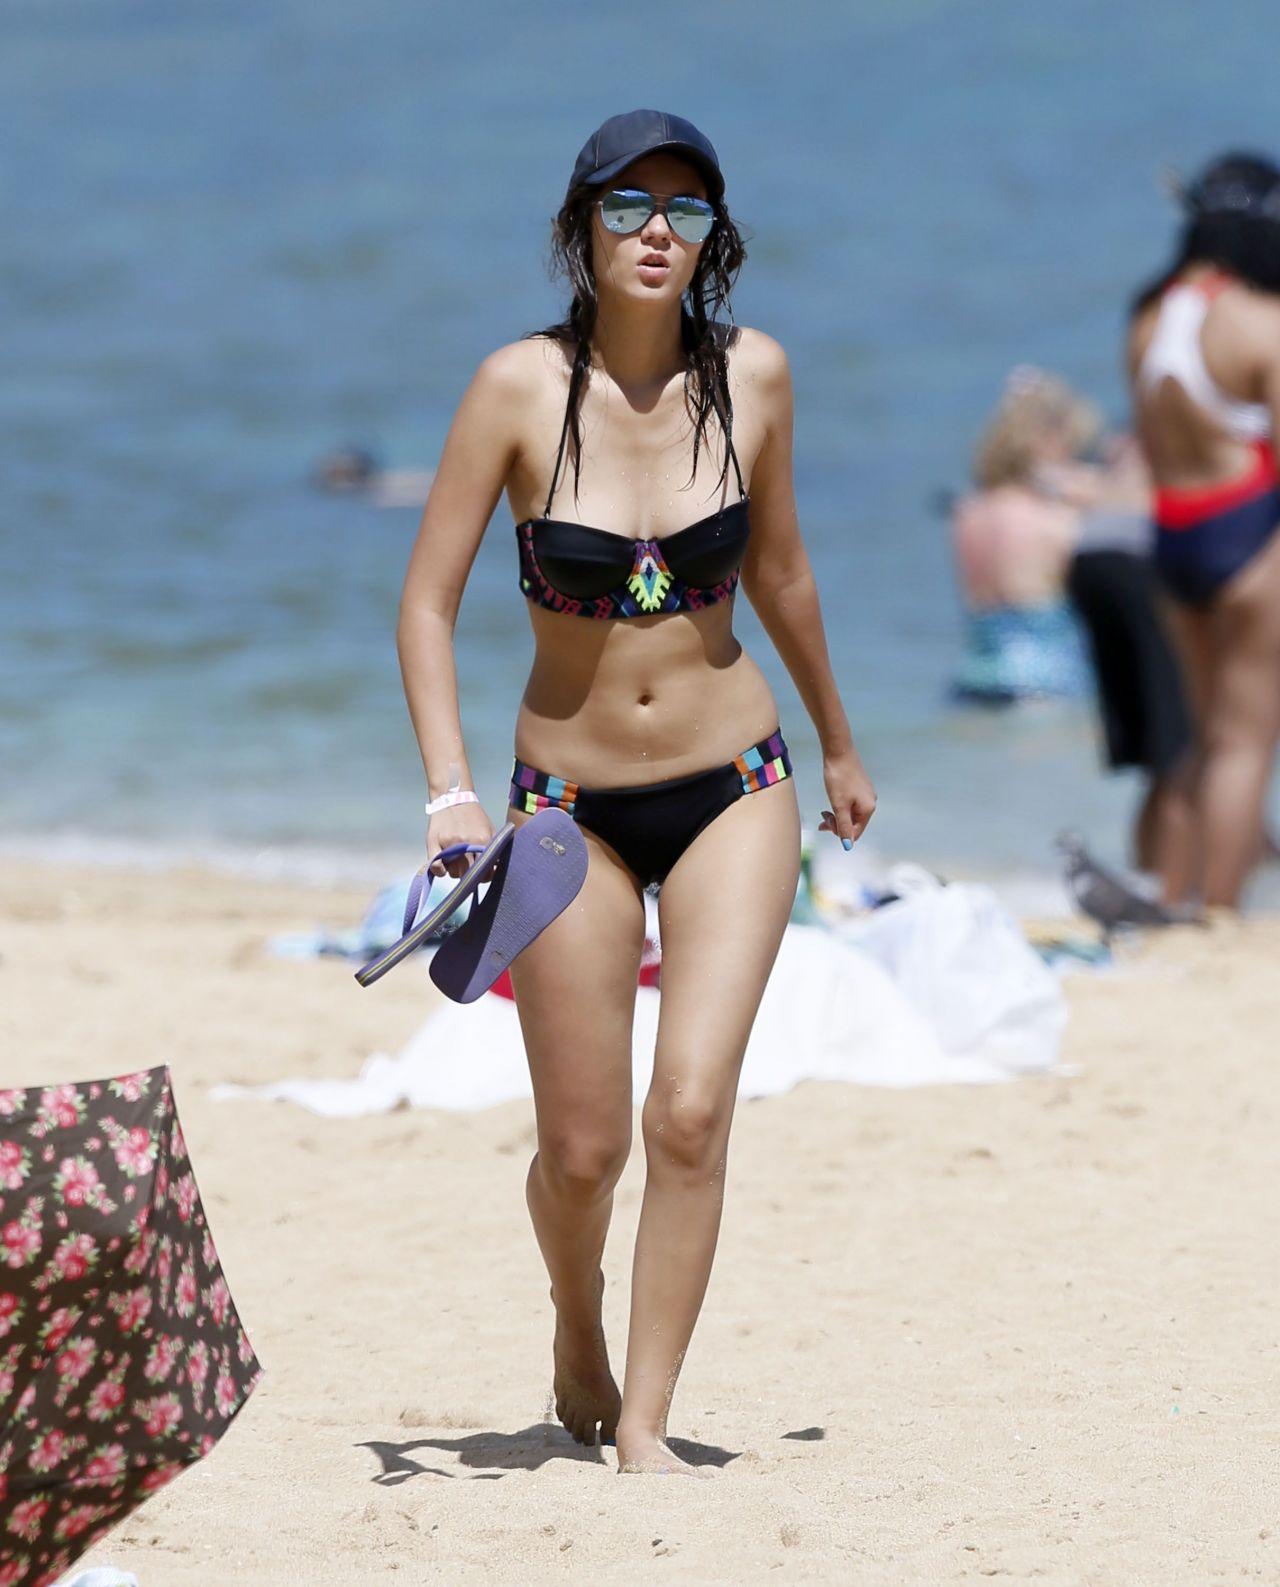 Victoria Justice Bikini Pics